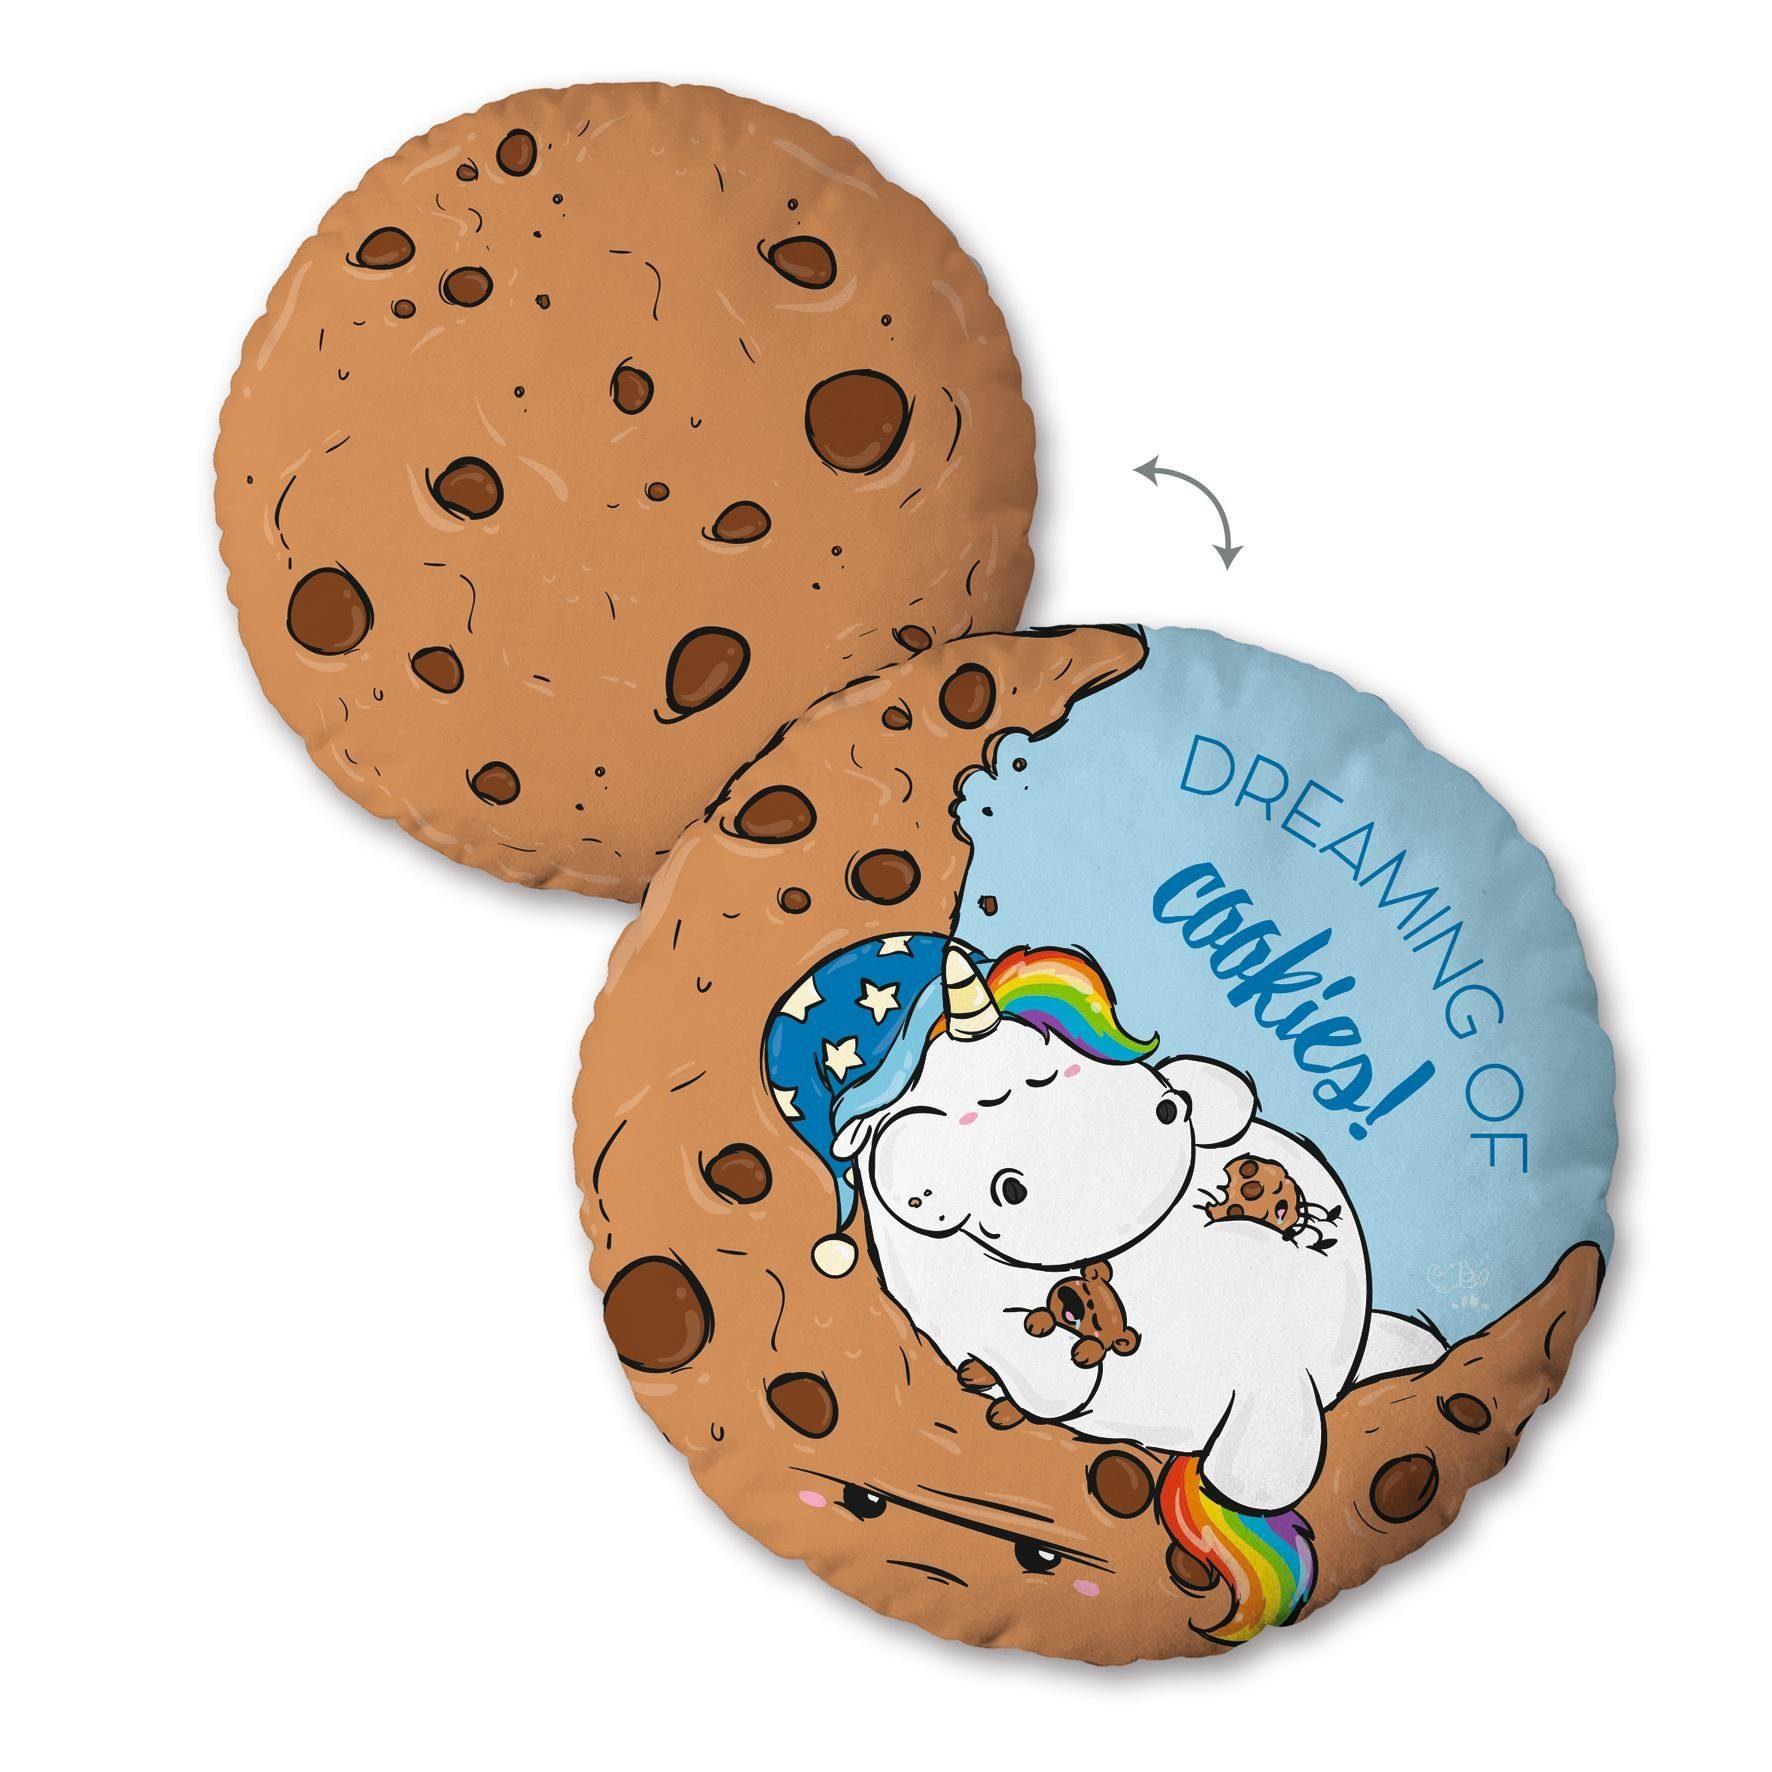 Dekokissen, Pummeleinhorn, »Cookies«, mit schlafendem Pummeleinhorn